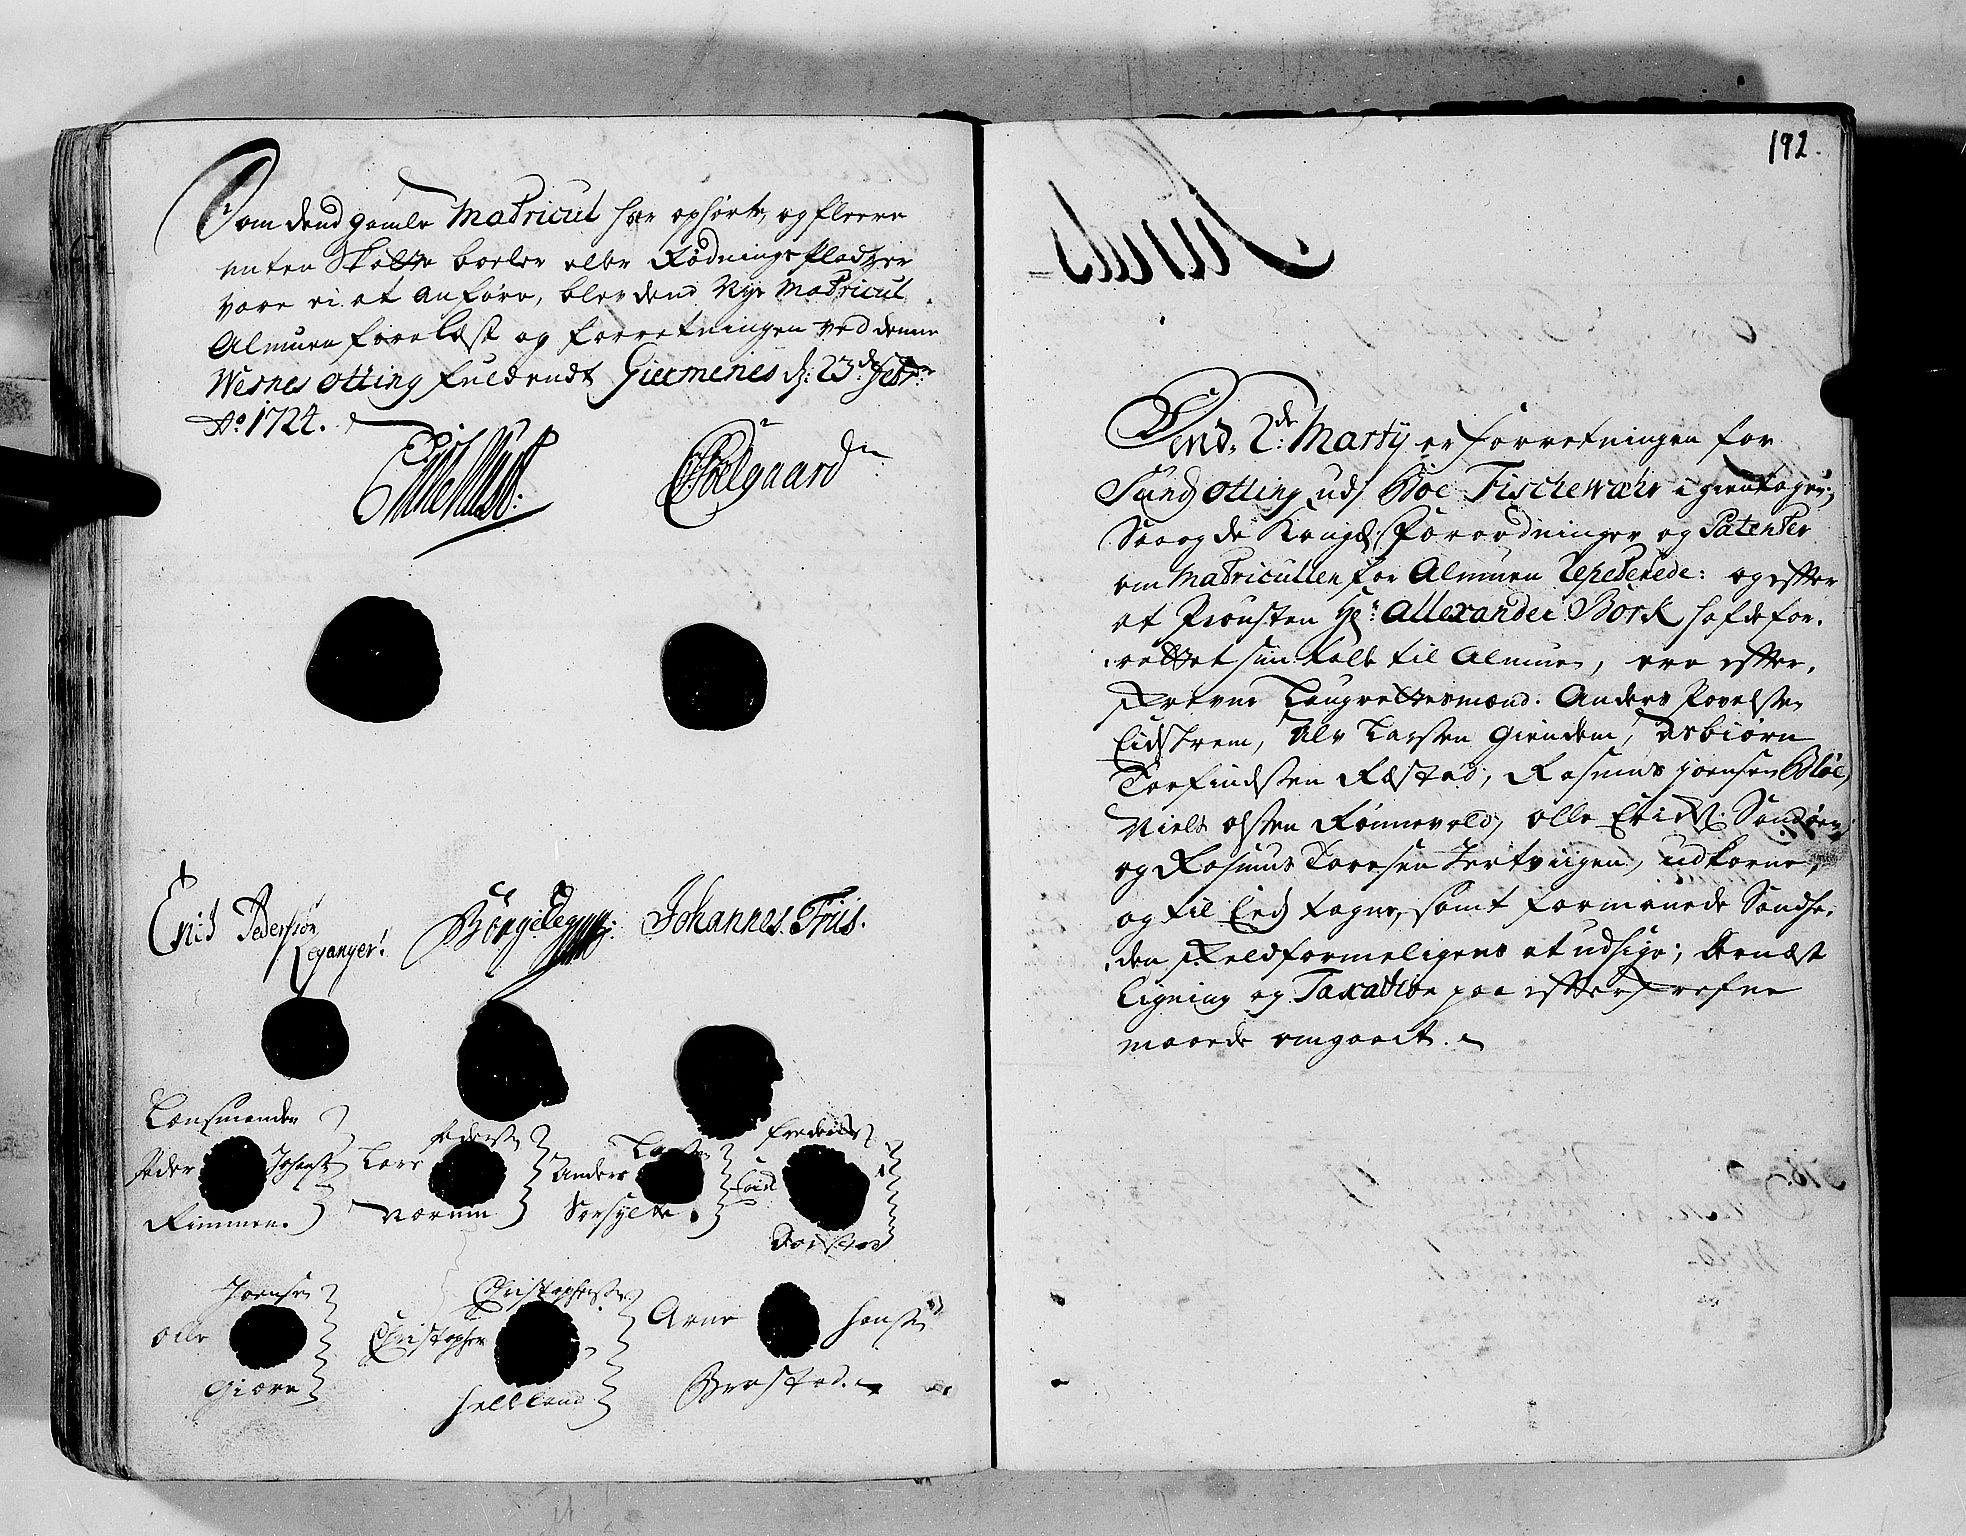 RA, Rentekammeret inntil 1814, Realistisk ordnet avdeling, N/Nb/Nbf/L0152: Romsdal eksaminasjonsprotokoll, 1724, s. 191b-192a